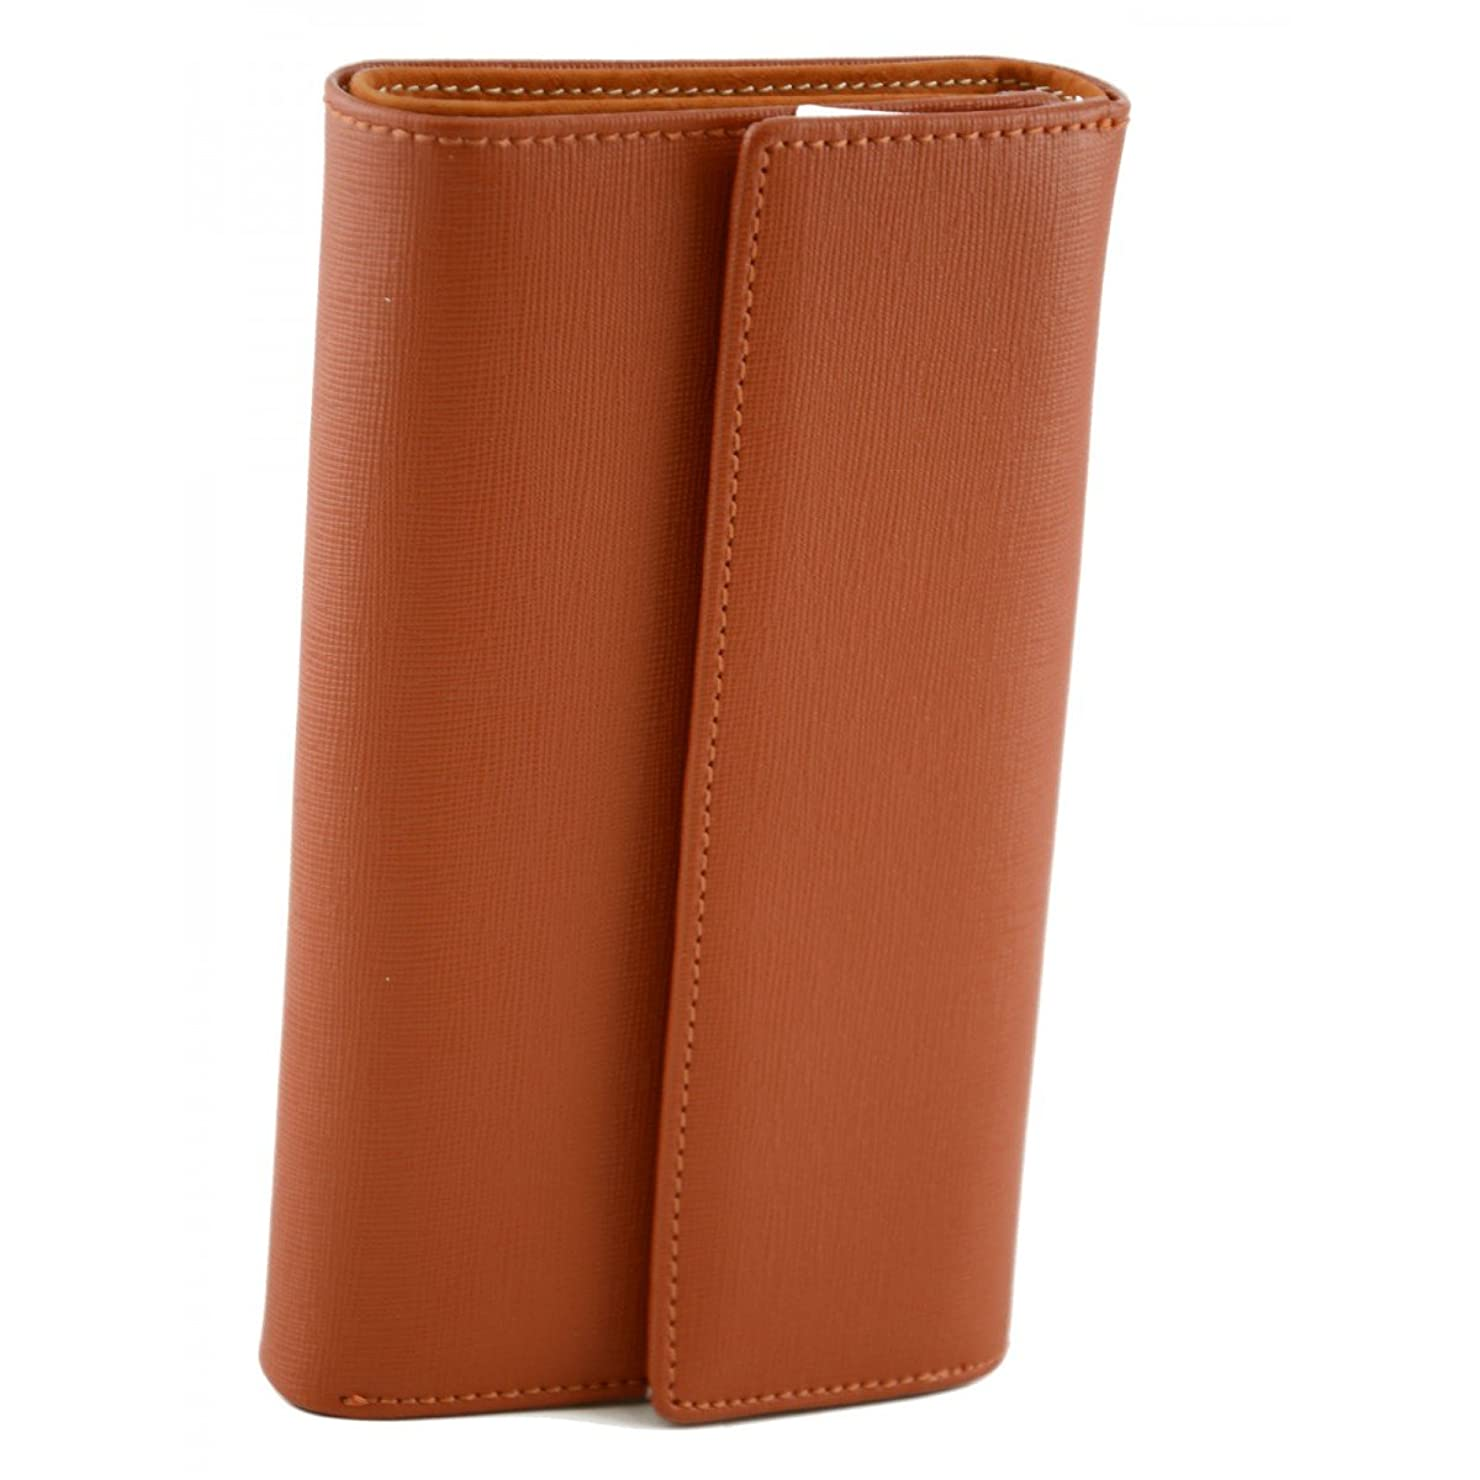 相関するに対処する記者Made In Italy Saffiano Leather Woman Wallet Color Orange - Accessories